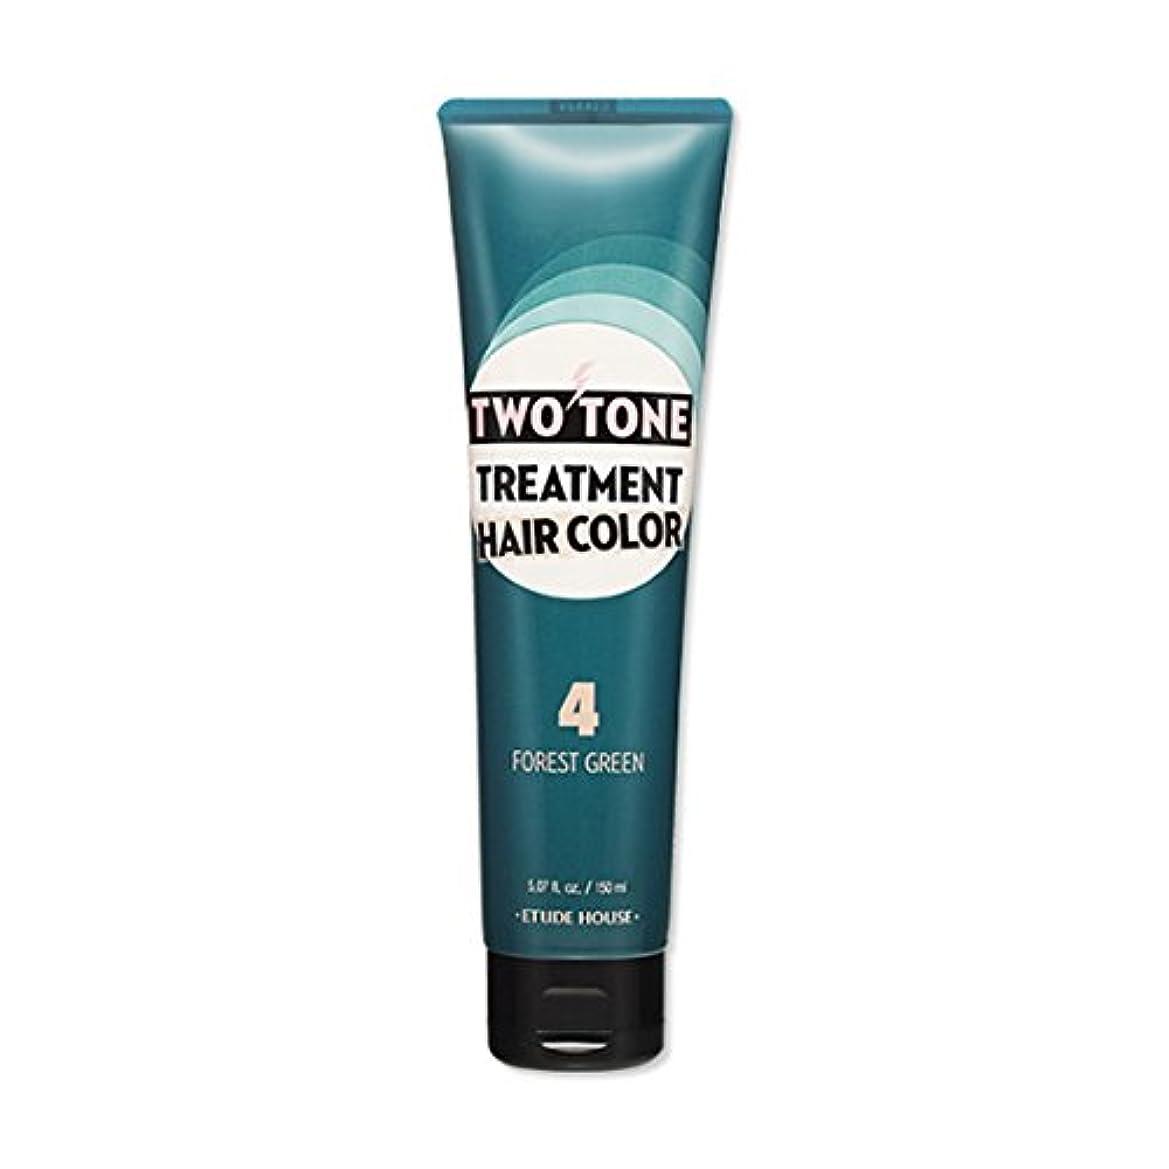 アイロニーロゴ所属ETUDE HOUSE Two Tone Treatment Hair Color 4.FOREST GREEN / エチュードハウス ツートントリートメントヘアカラー150ml (4.FOREST GREEN) [並行輸入品]